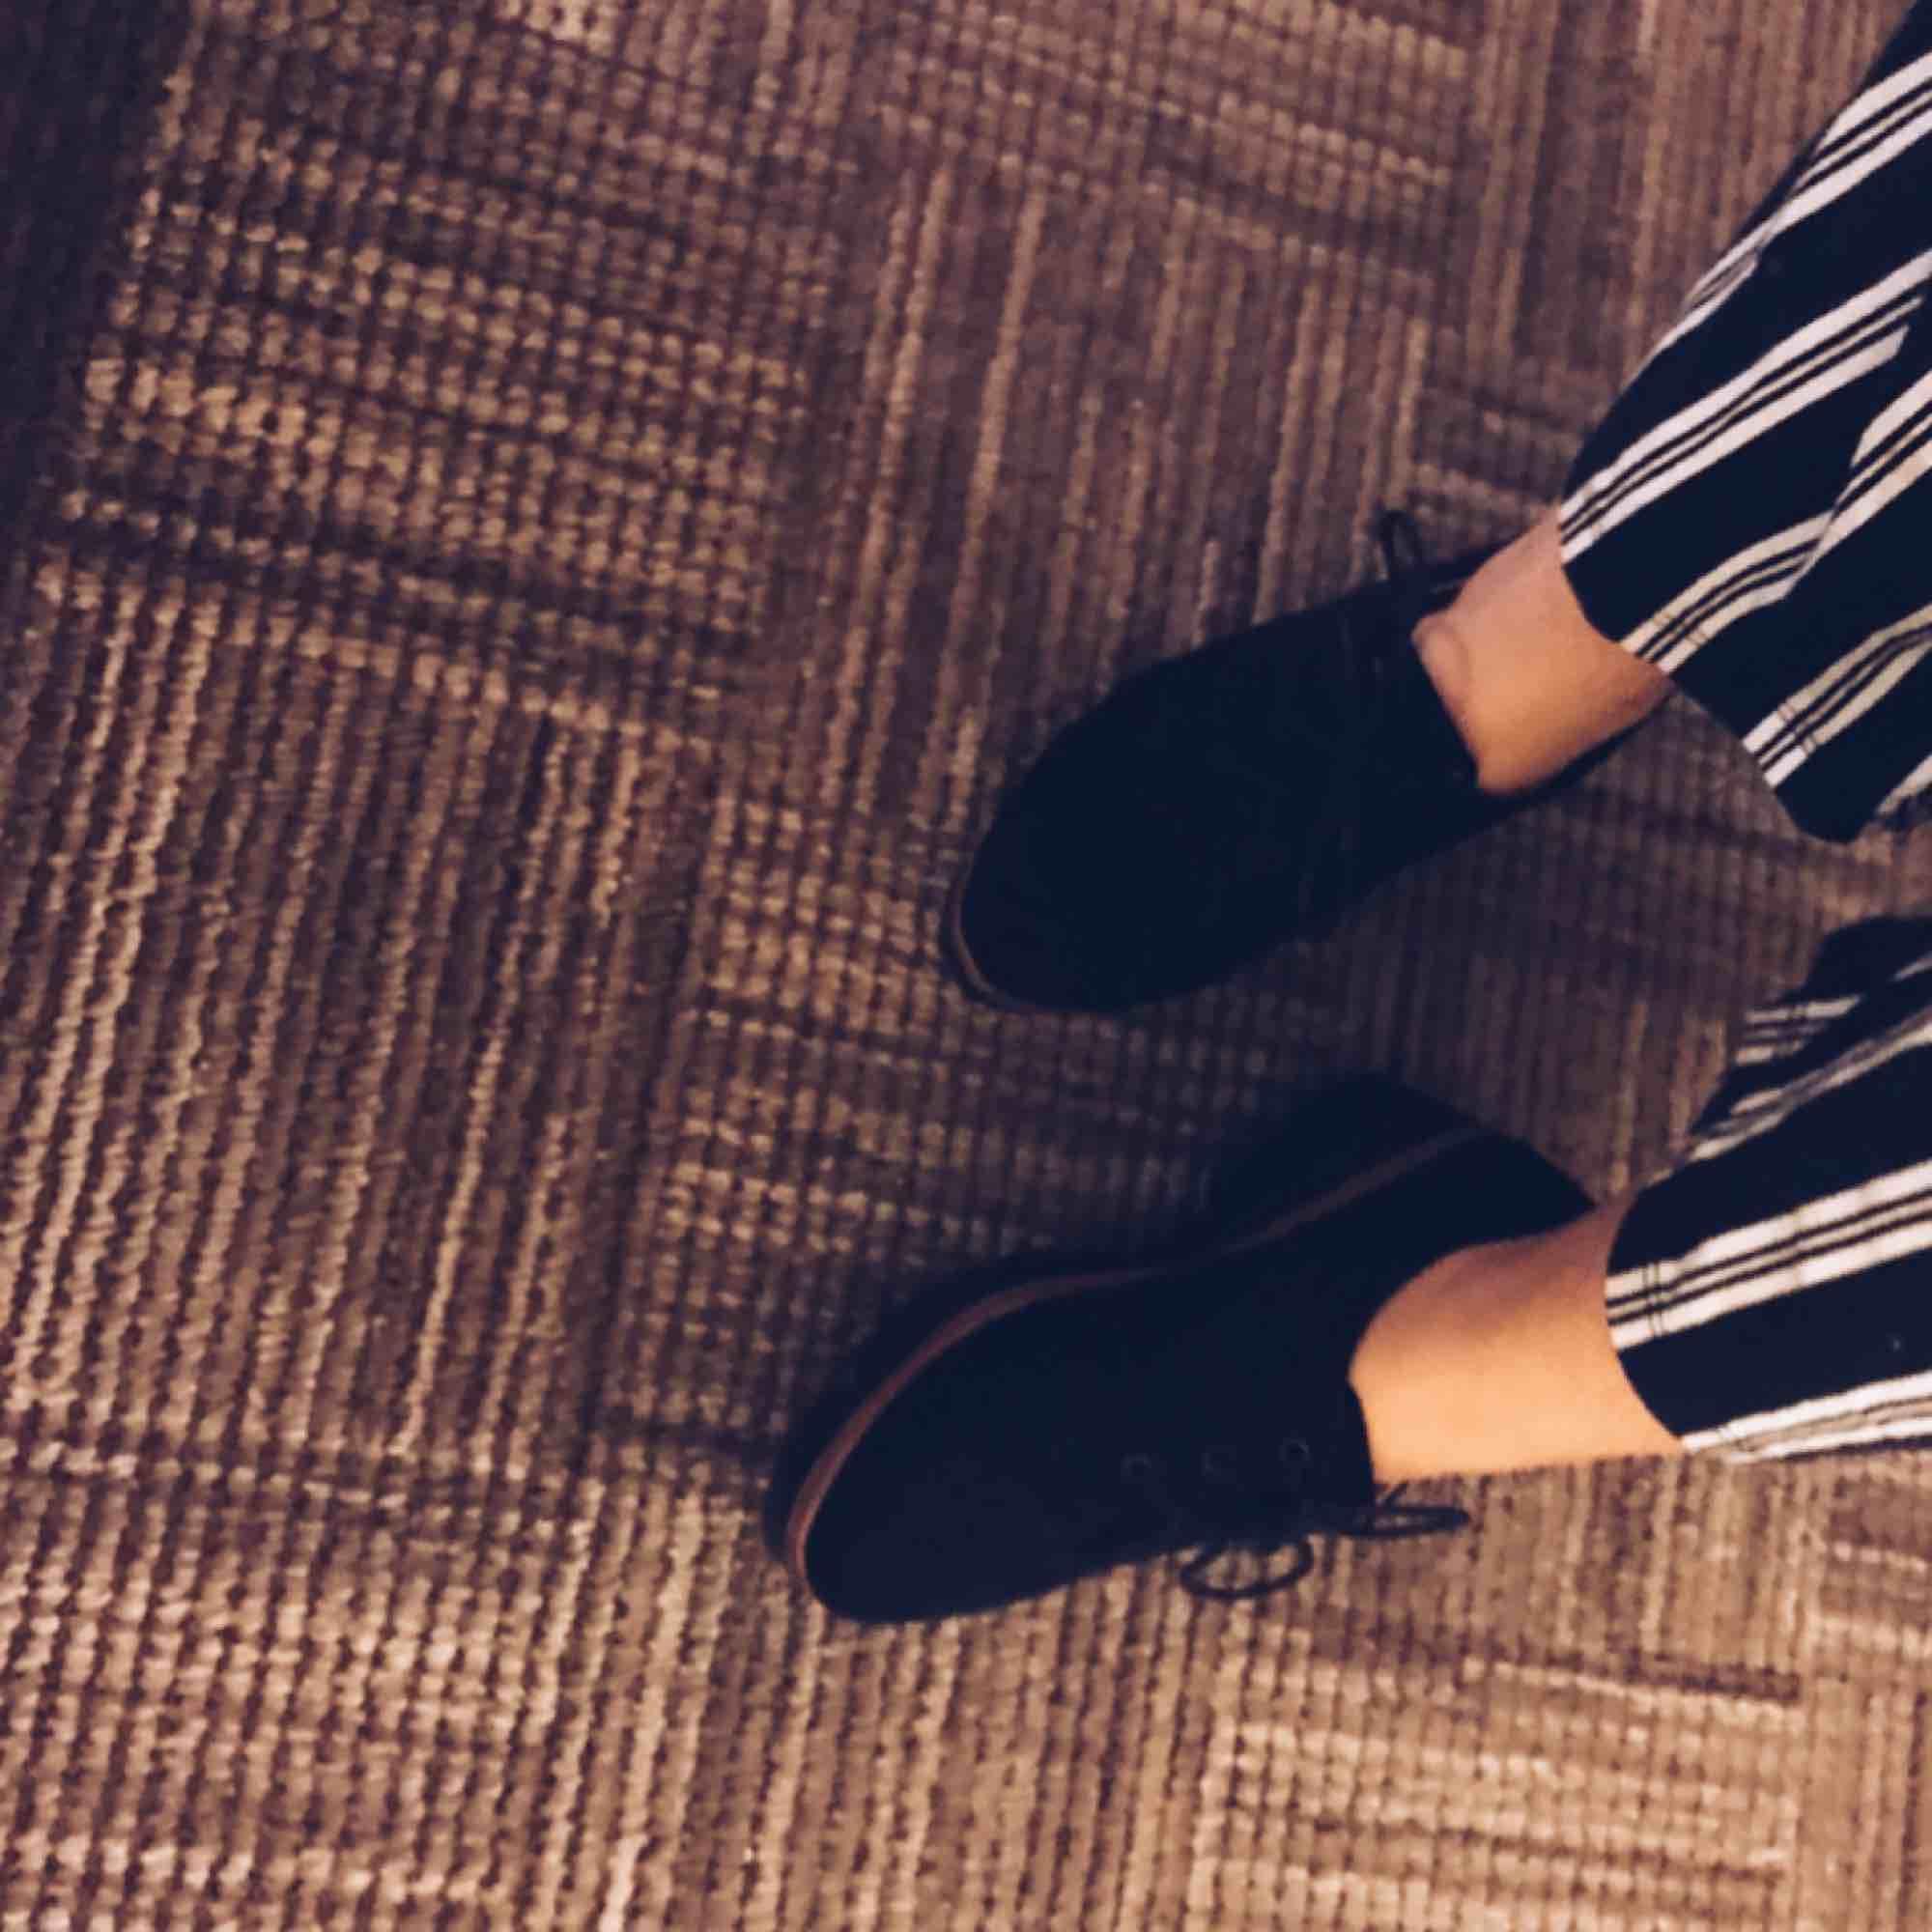 Super snygga skor använd fåtal gånger fortfarande lika nya och bra. Storlek 38 Köparen står för frakten, använder även Swish. . Skor.